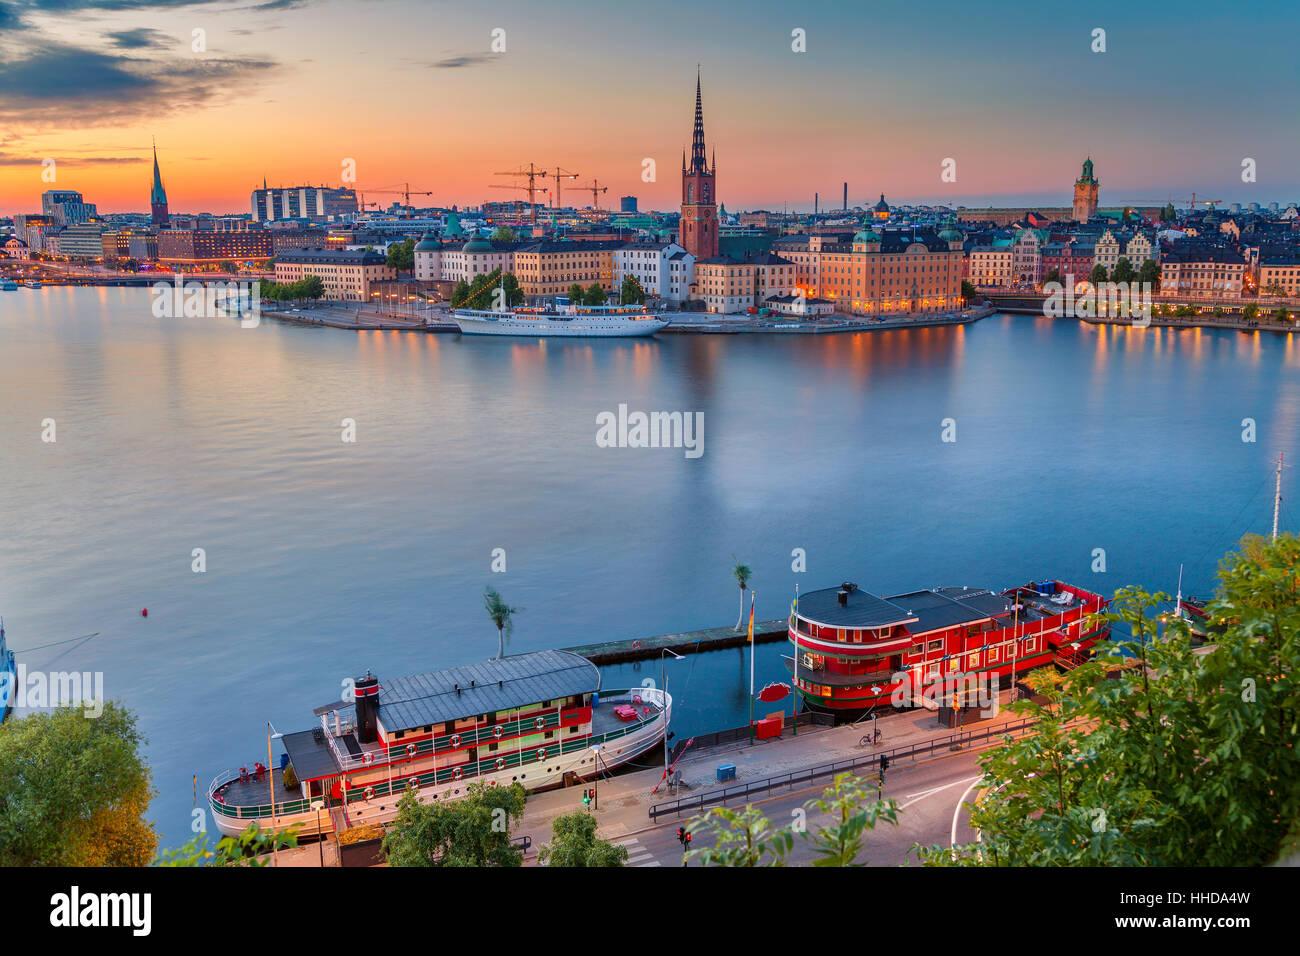 Stockholm. Cityscape image de Stockholm, Suède pendant le crépuscule heure bleue. Photo Stock